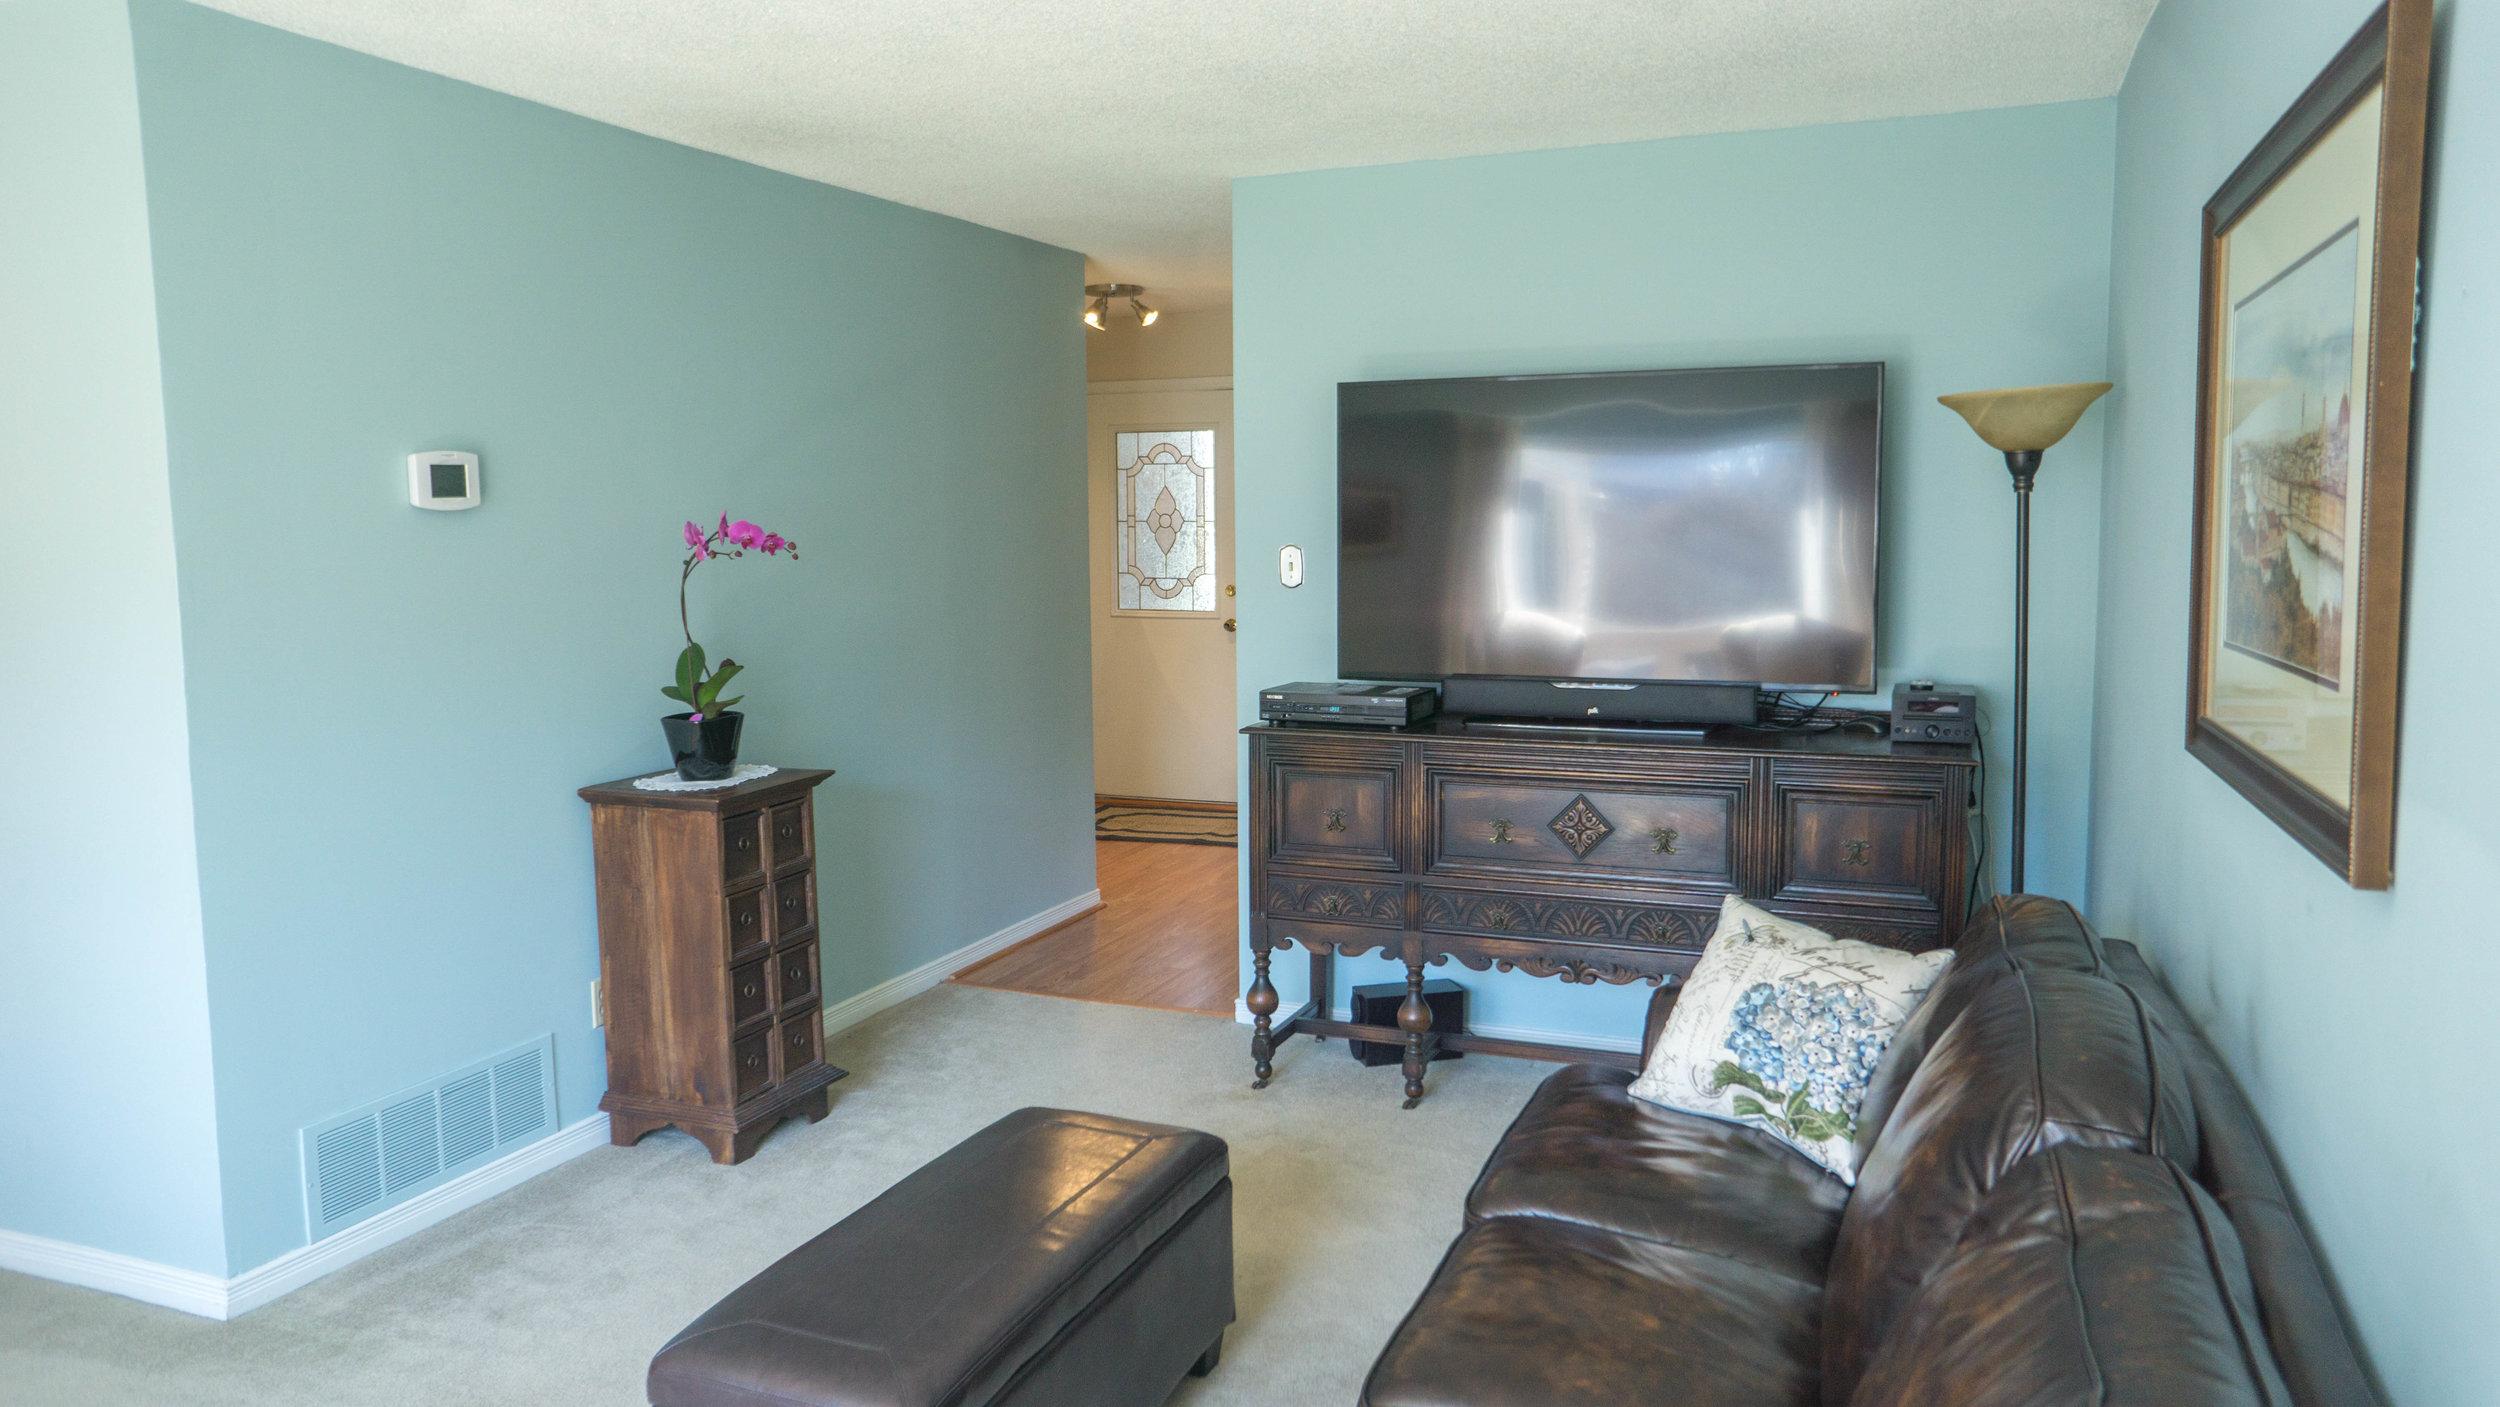 #3 - Living Room #3.jpg